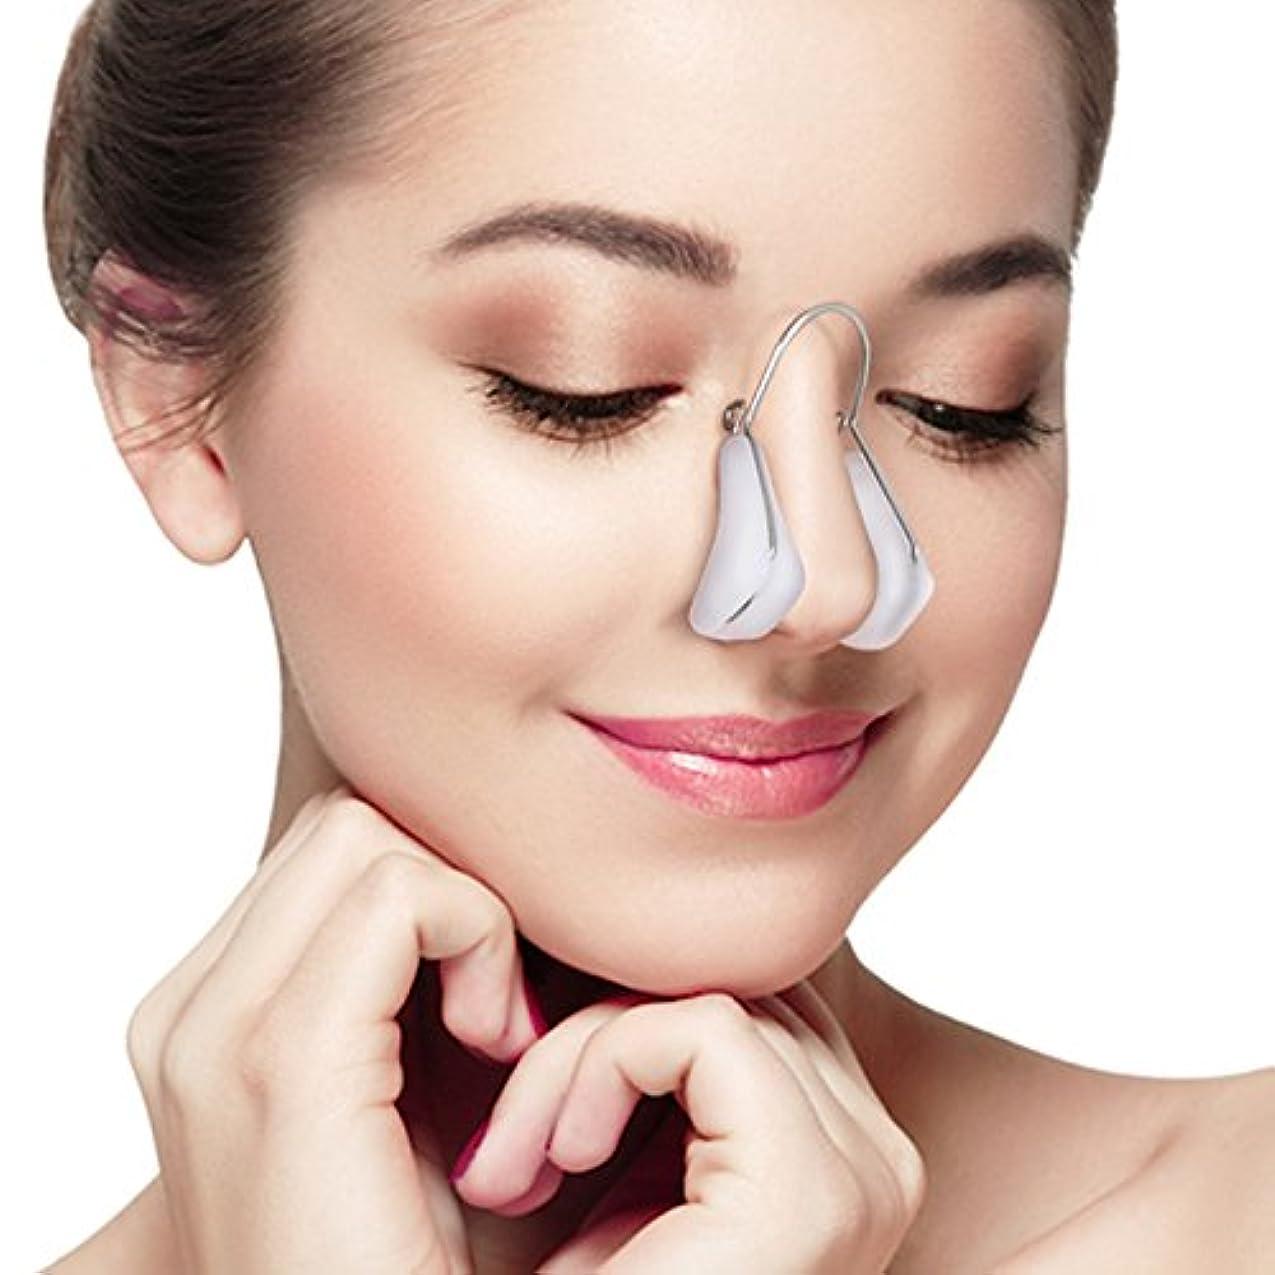 スチュワーデス裂け目テンポSPADE.s 高鼻 クリップ 団子鼻 上向き鼻 コンプレックス 解消 SC-004 (ホワイト)